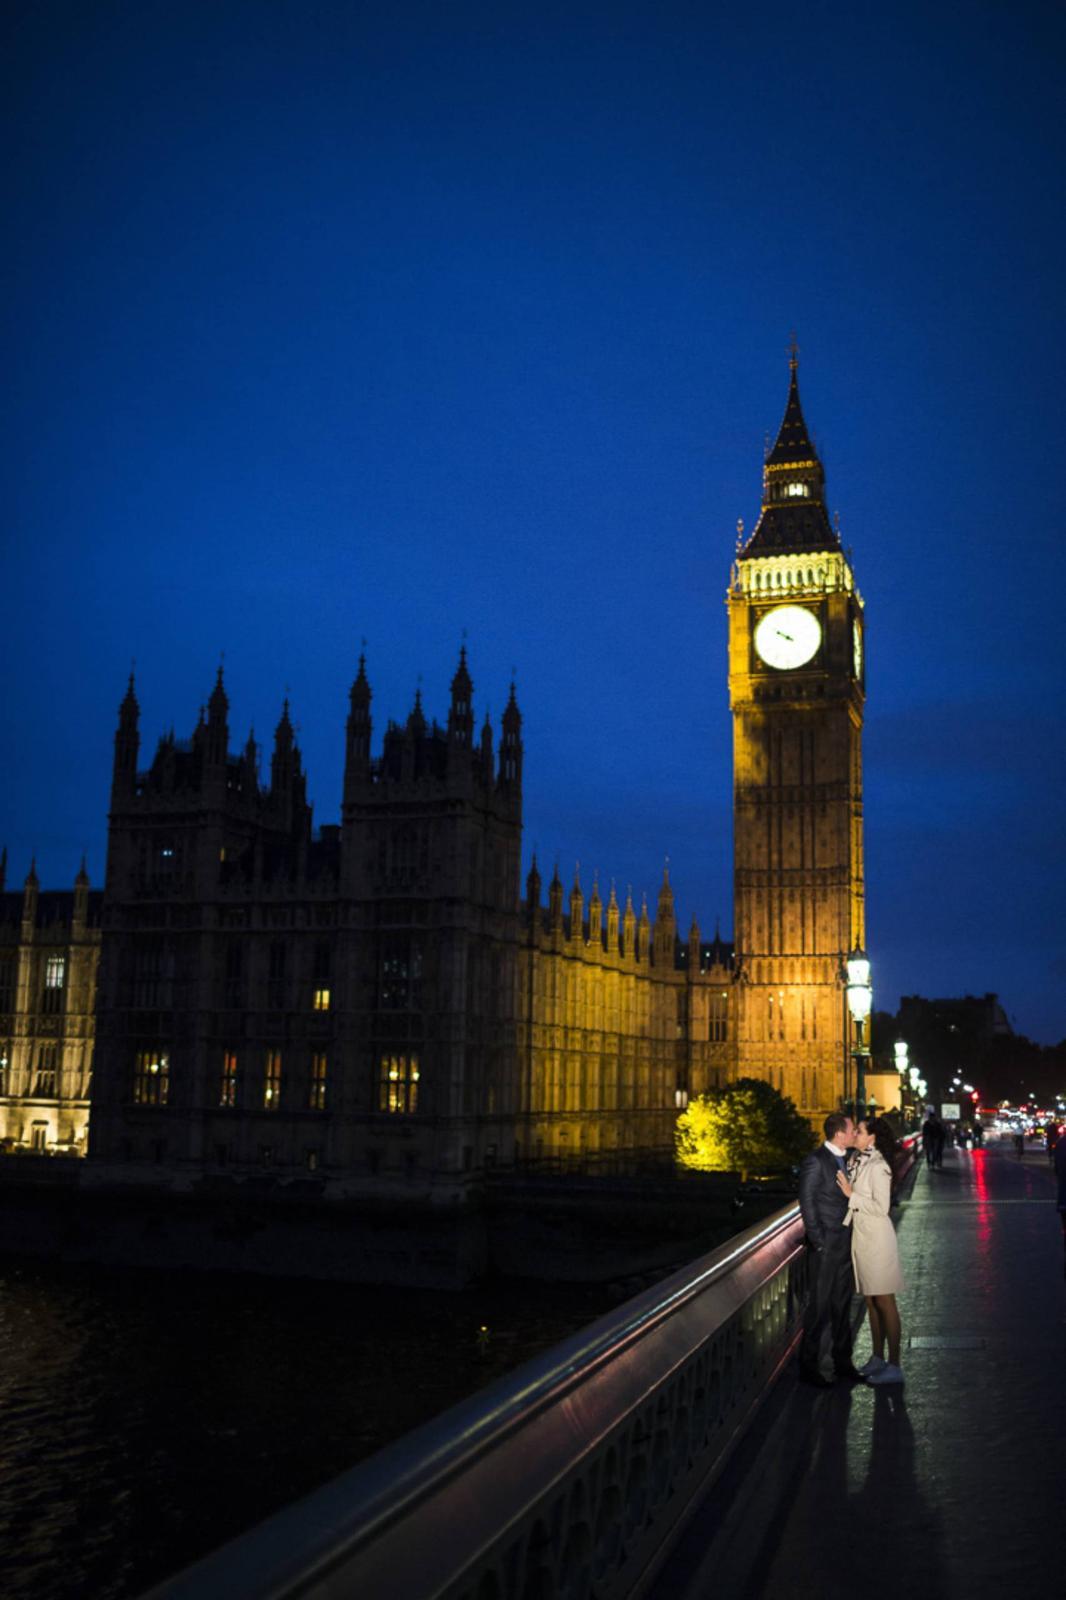 I 💜 London- nase mladomanzelske rande 💜 - Obrázok č. 9